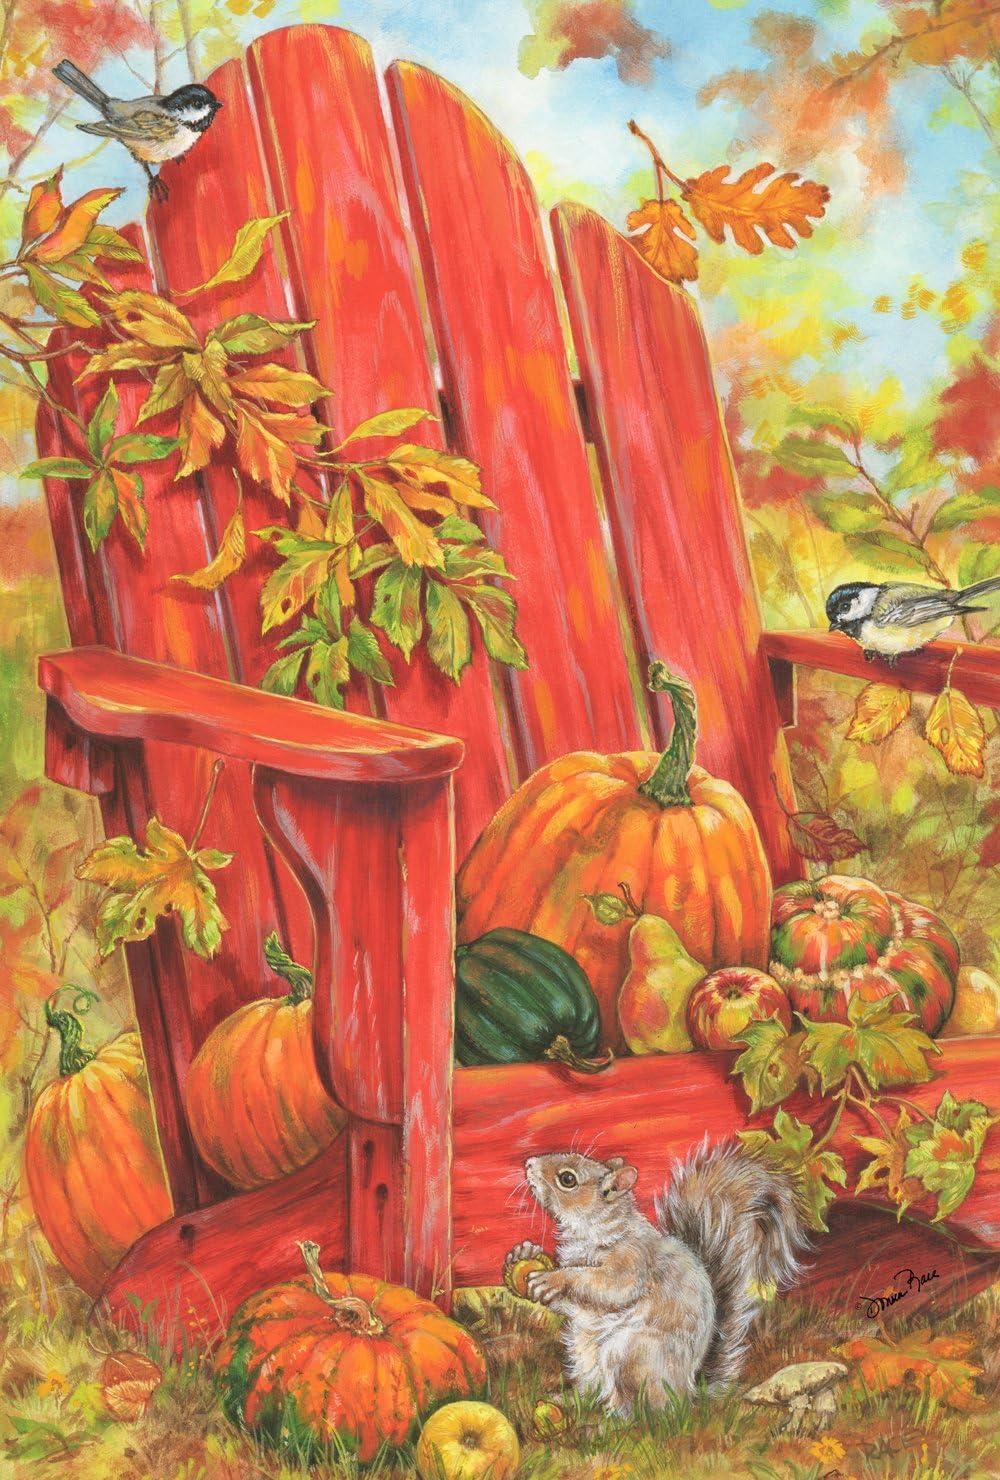 Toland Home Garden Fall Adirondack 12.5 x 18 Inch Decorative Autumn Harvest Chair Pumpkin Squirrel Garden Flag